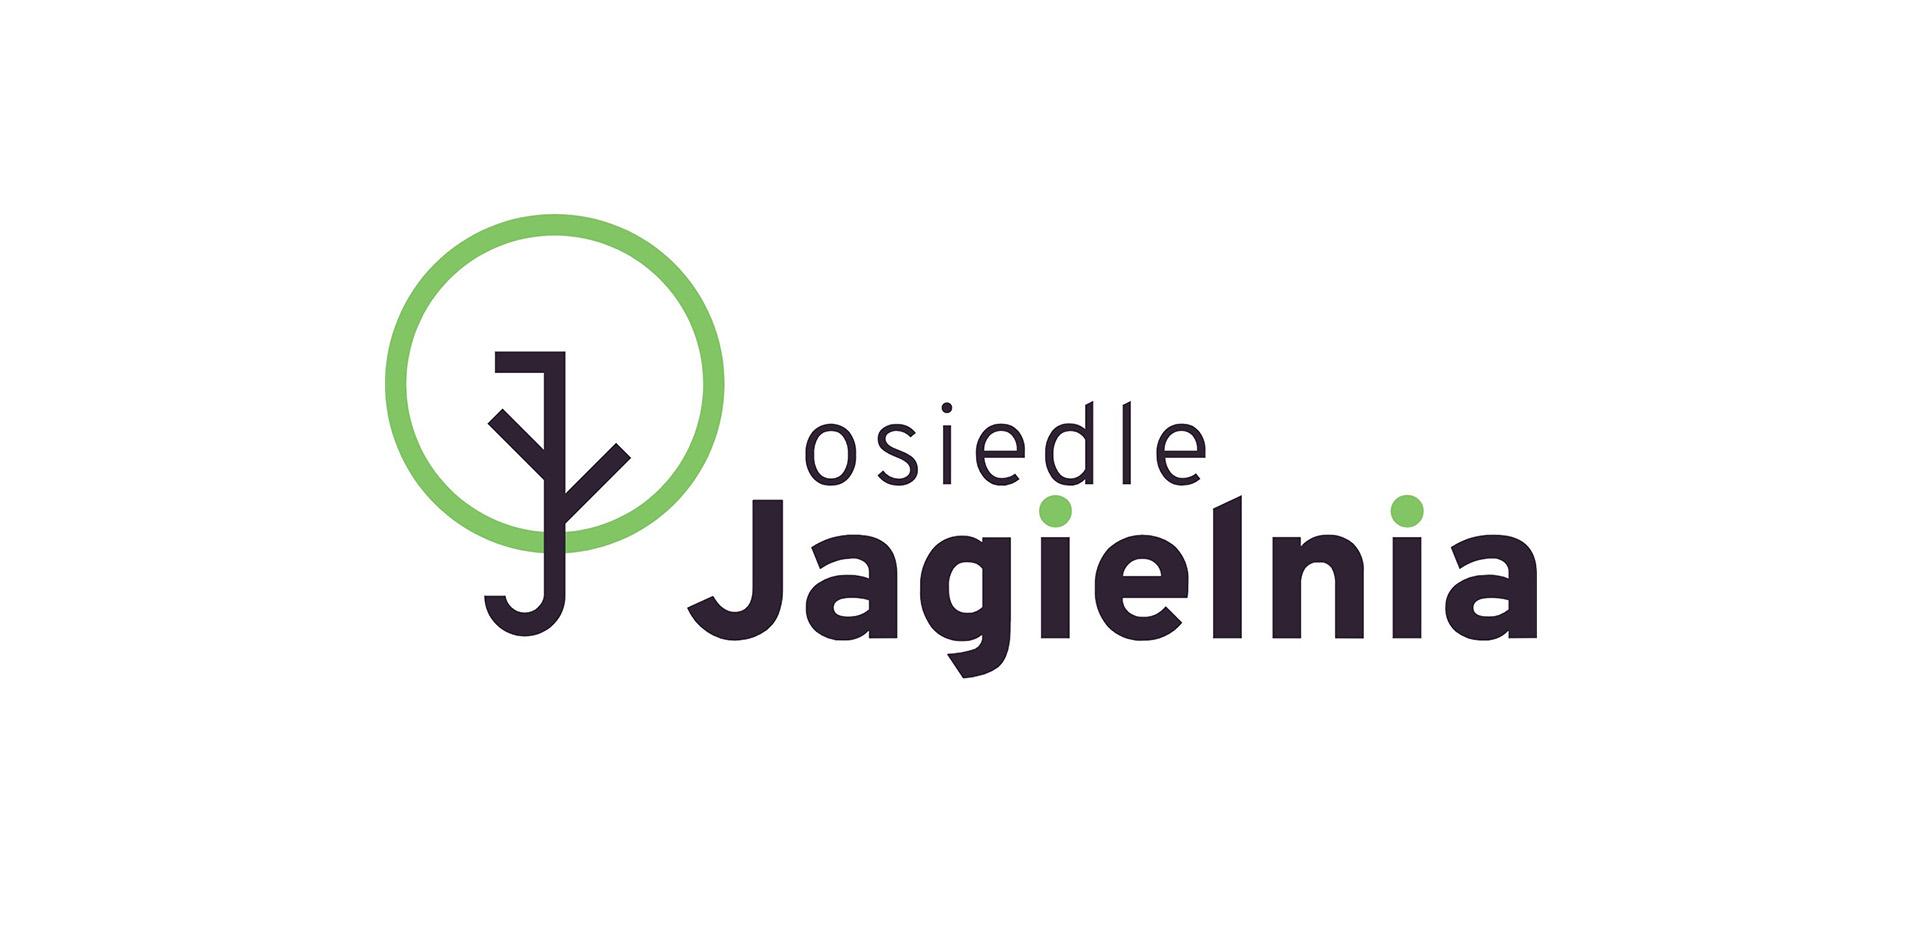 Osiedle Jagielnia - logo